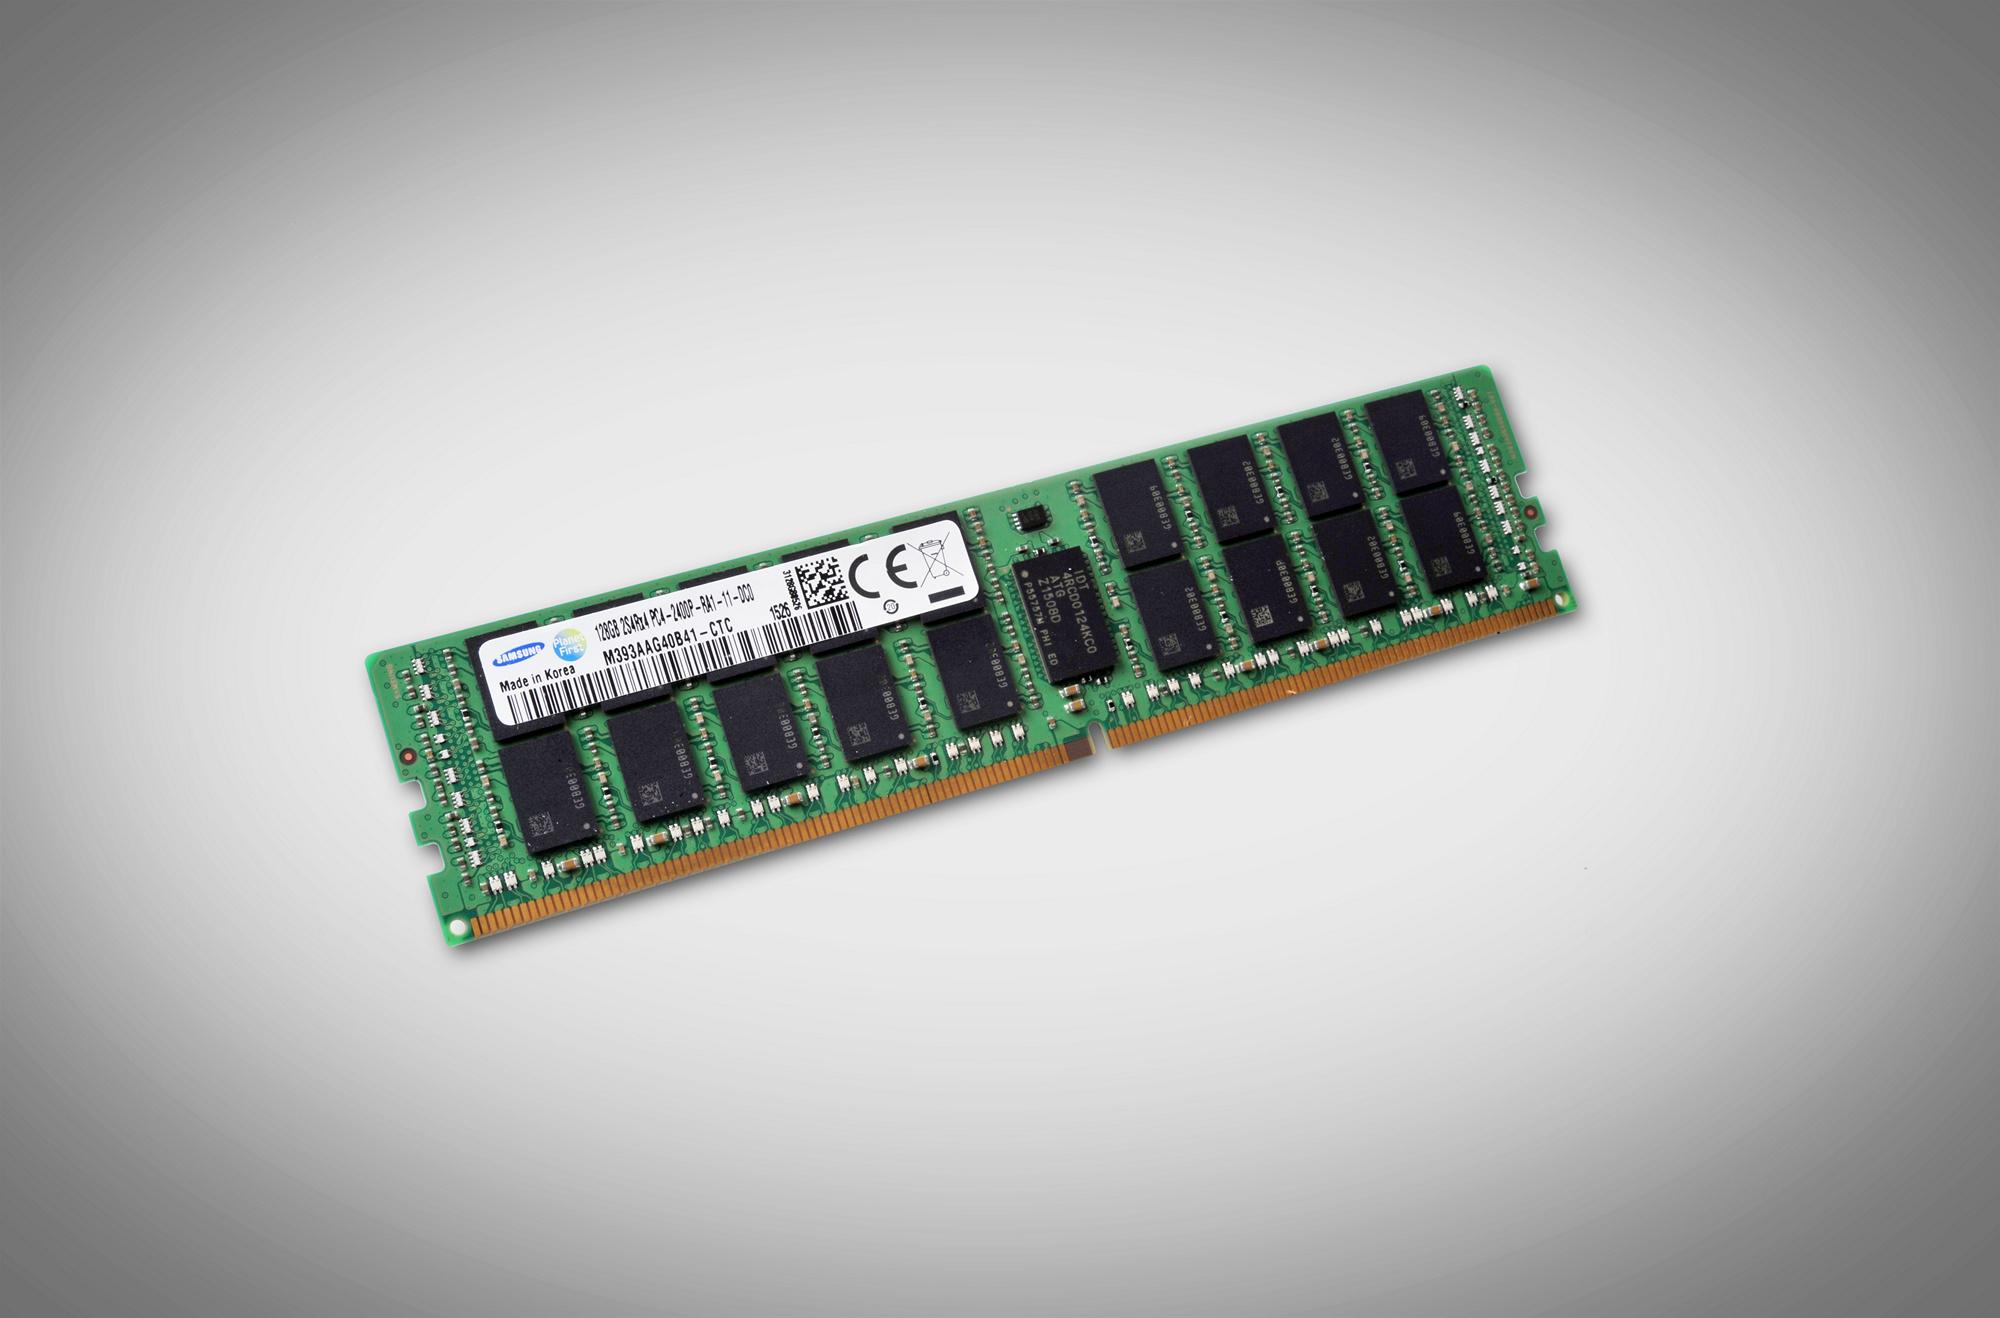 DDR4: Samsung quetscht drei Dutzend Chips auf ein 128-GByte-Modul - R-DIMM mit TSV, 128 GByte und DDR4-2400 (Bild: Samsung)